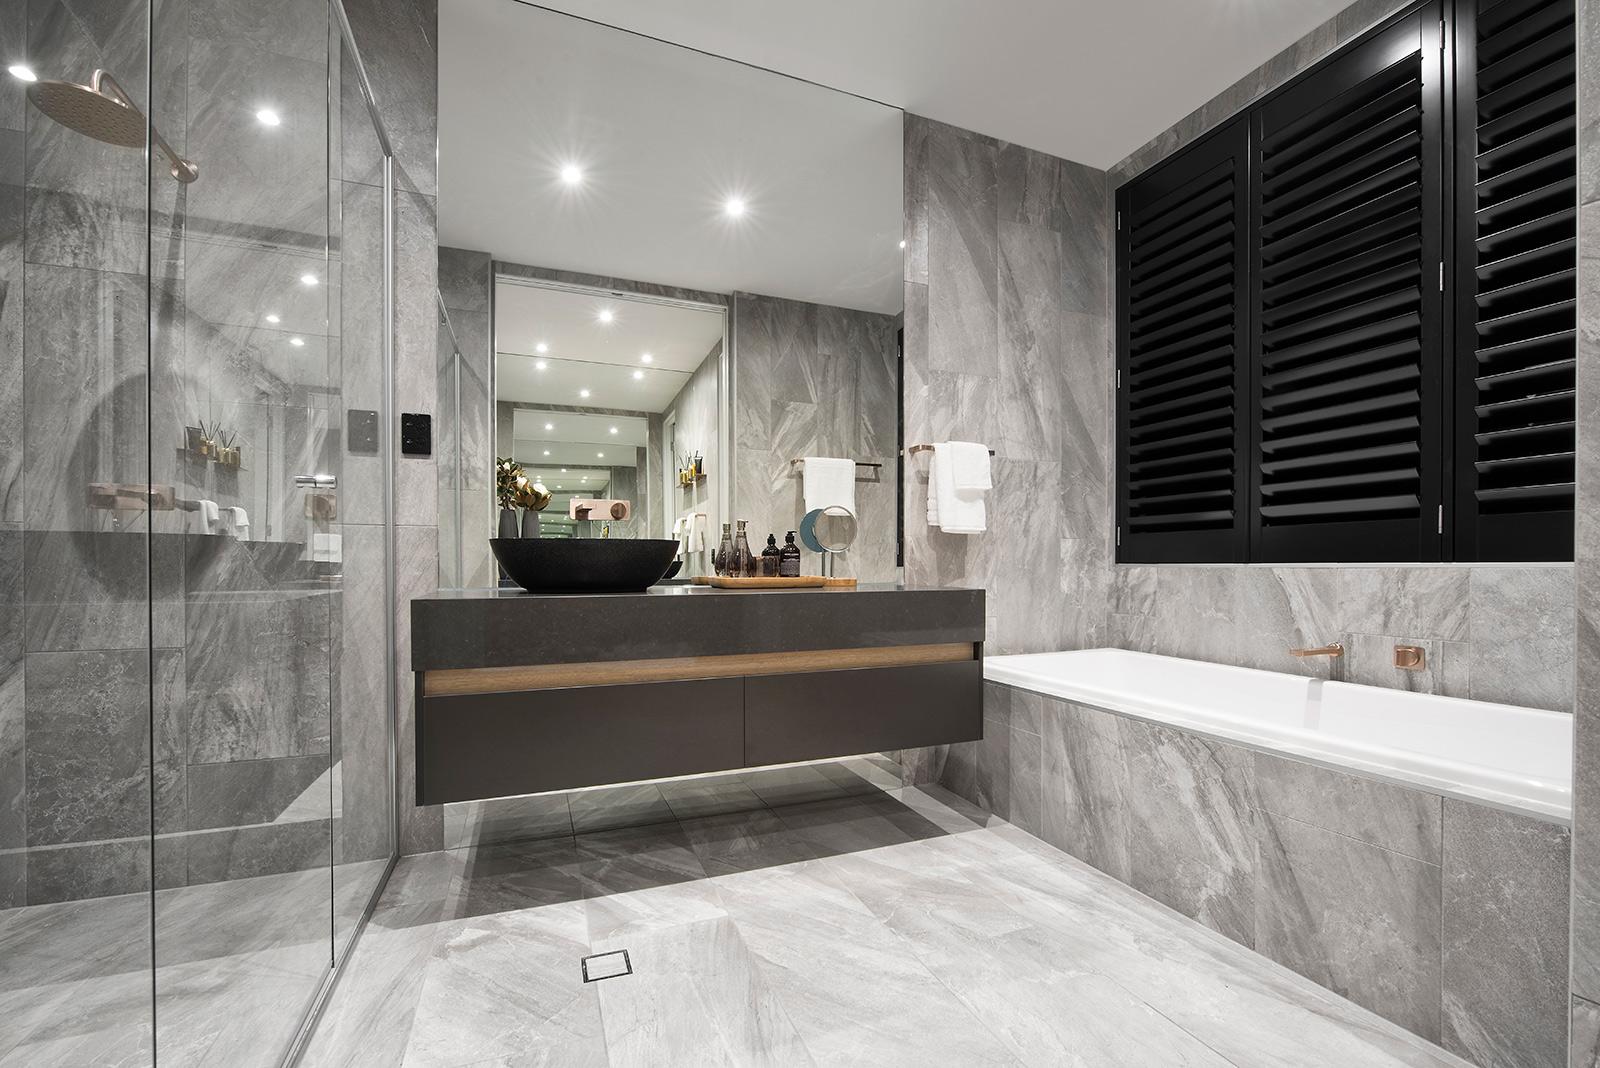 Ванная комната с душевой кабиной стеклянной